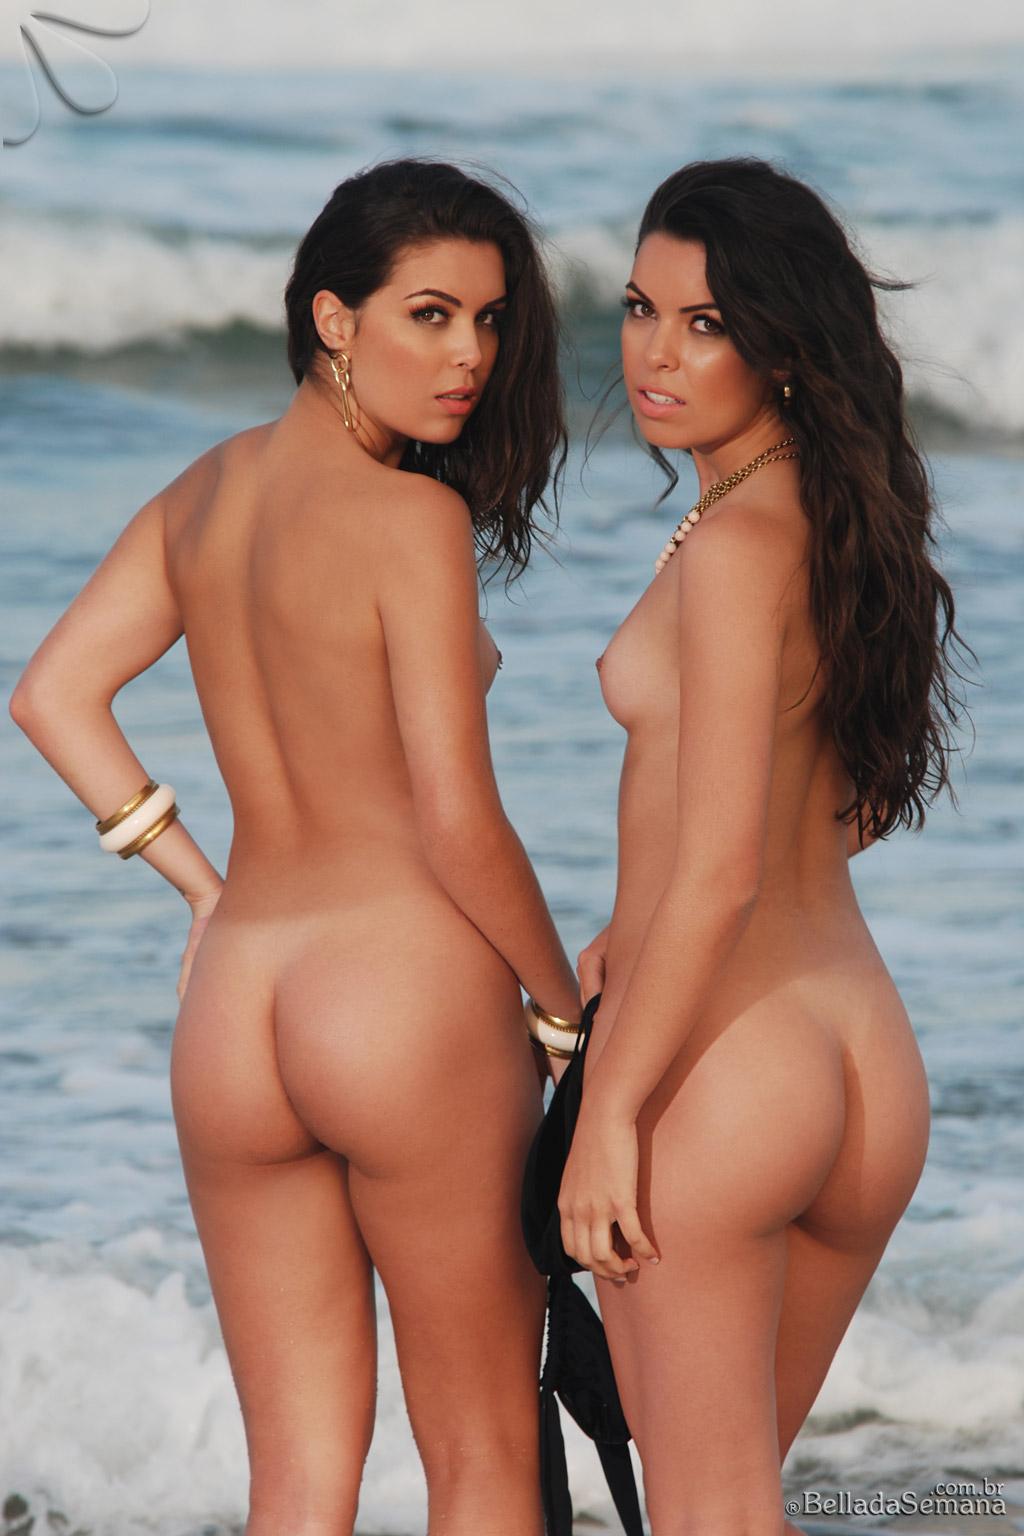 http://4.bp.blogspot.com/-iploeRkdrV8/T0IsIqZ5urI/AAAAAAAAYoo/4ItQFNAiORo/s1600/0_907850001328285000_cumplicidadeirmas.jpg